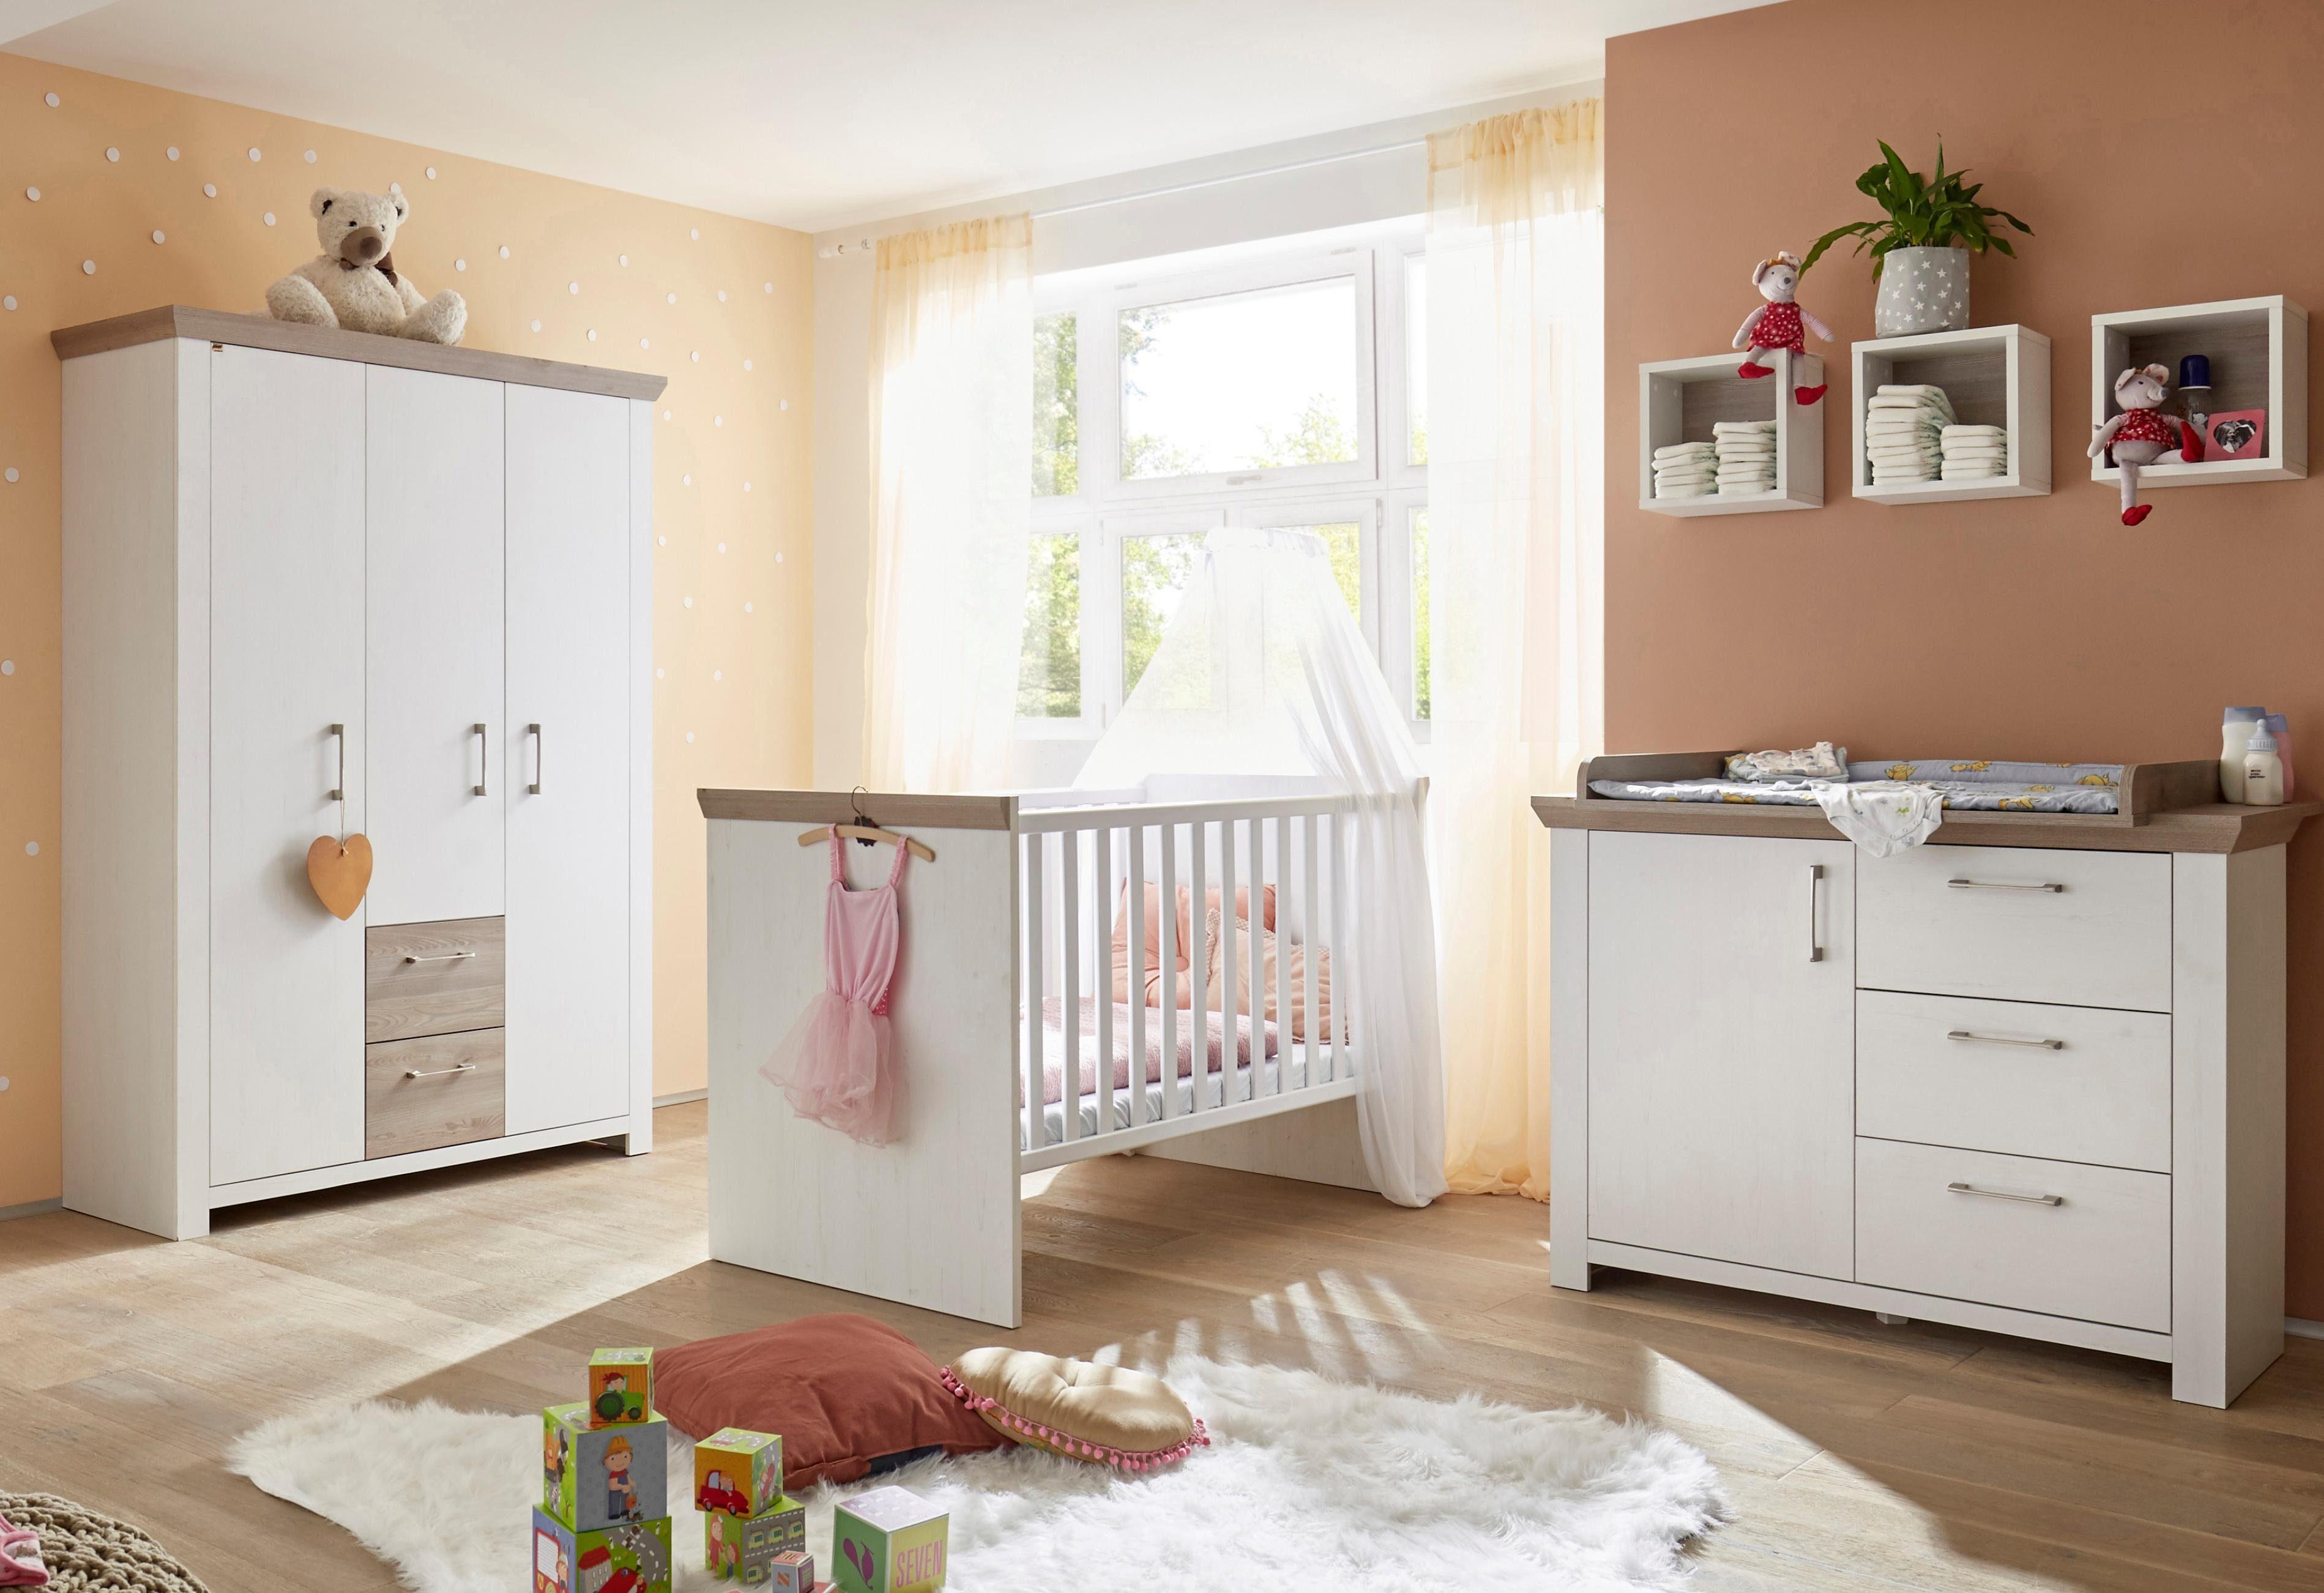 Komplettzimmer »Stralsund« Babybett + Wickelkommode + Kleiderschrank, (3-tlg.) in Pinie NB weiß